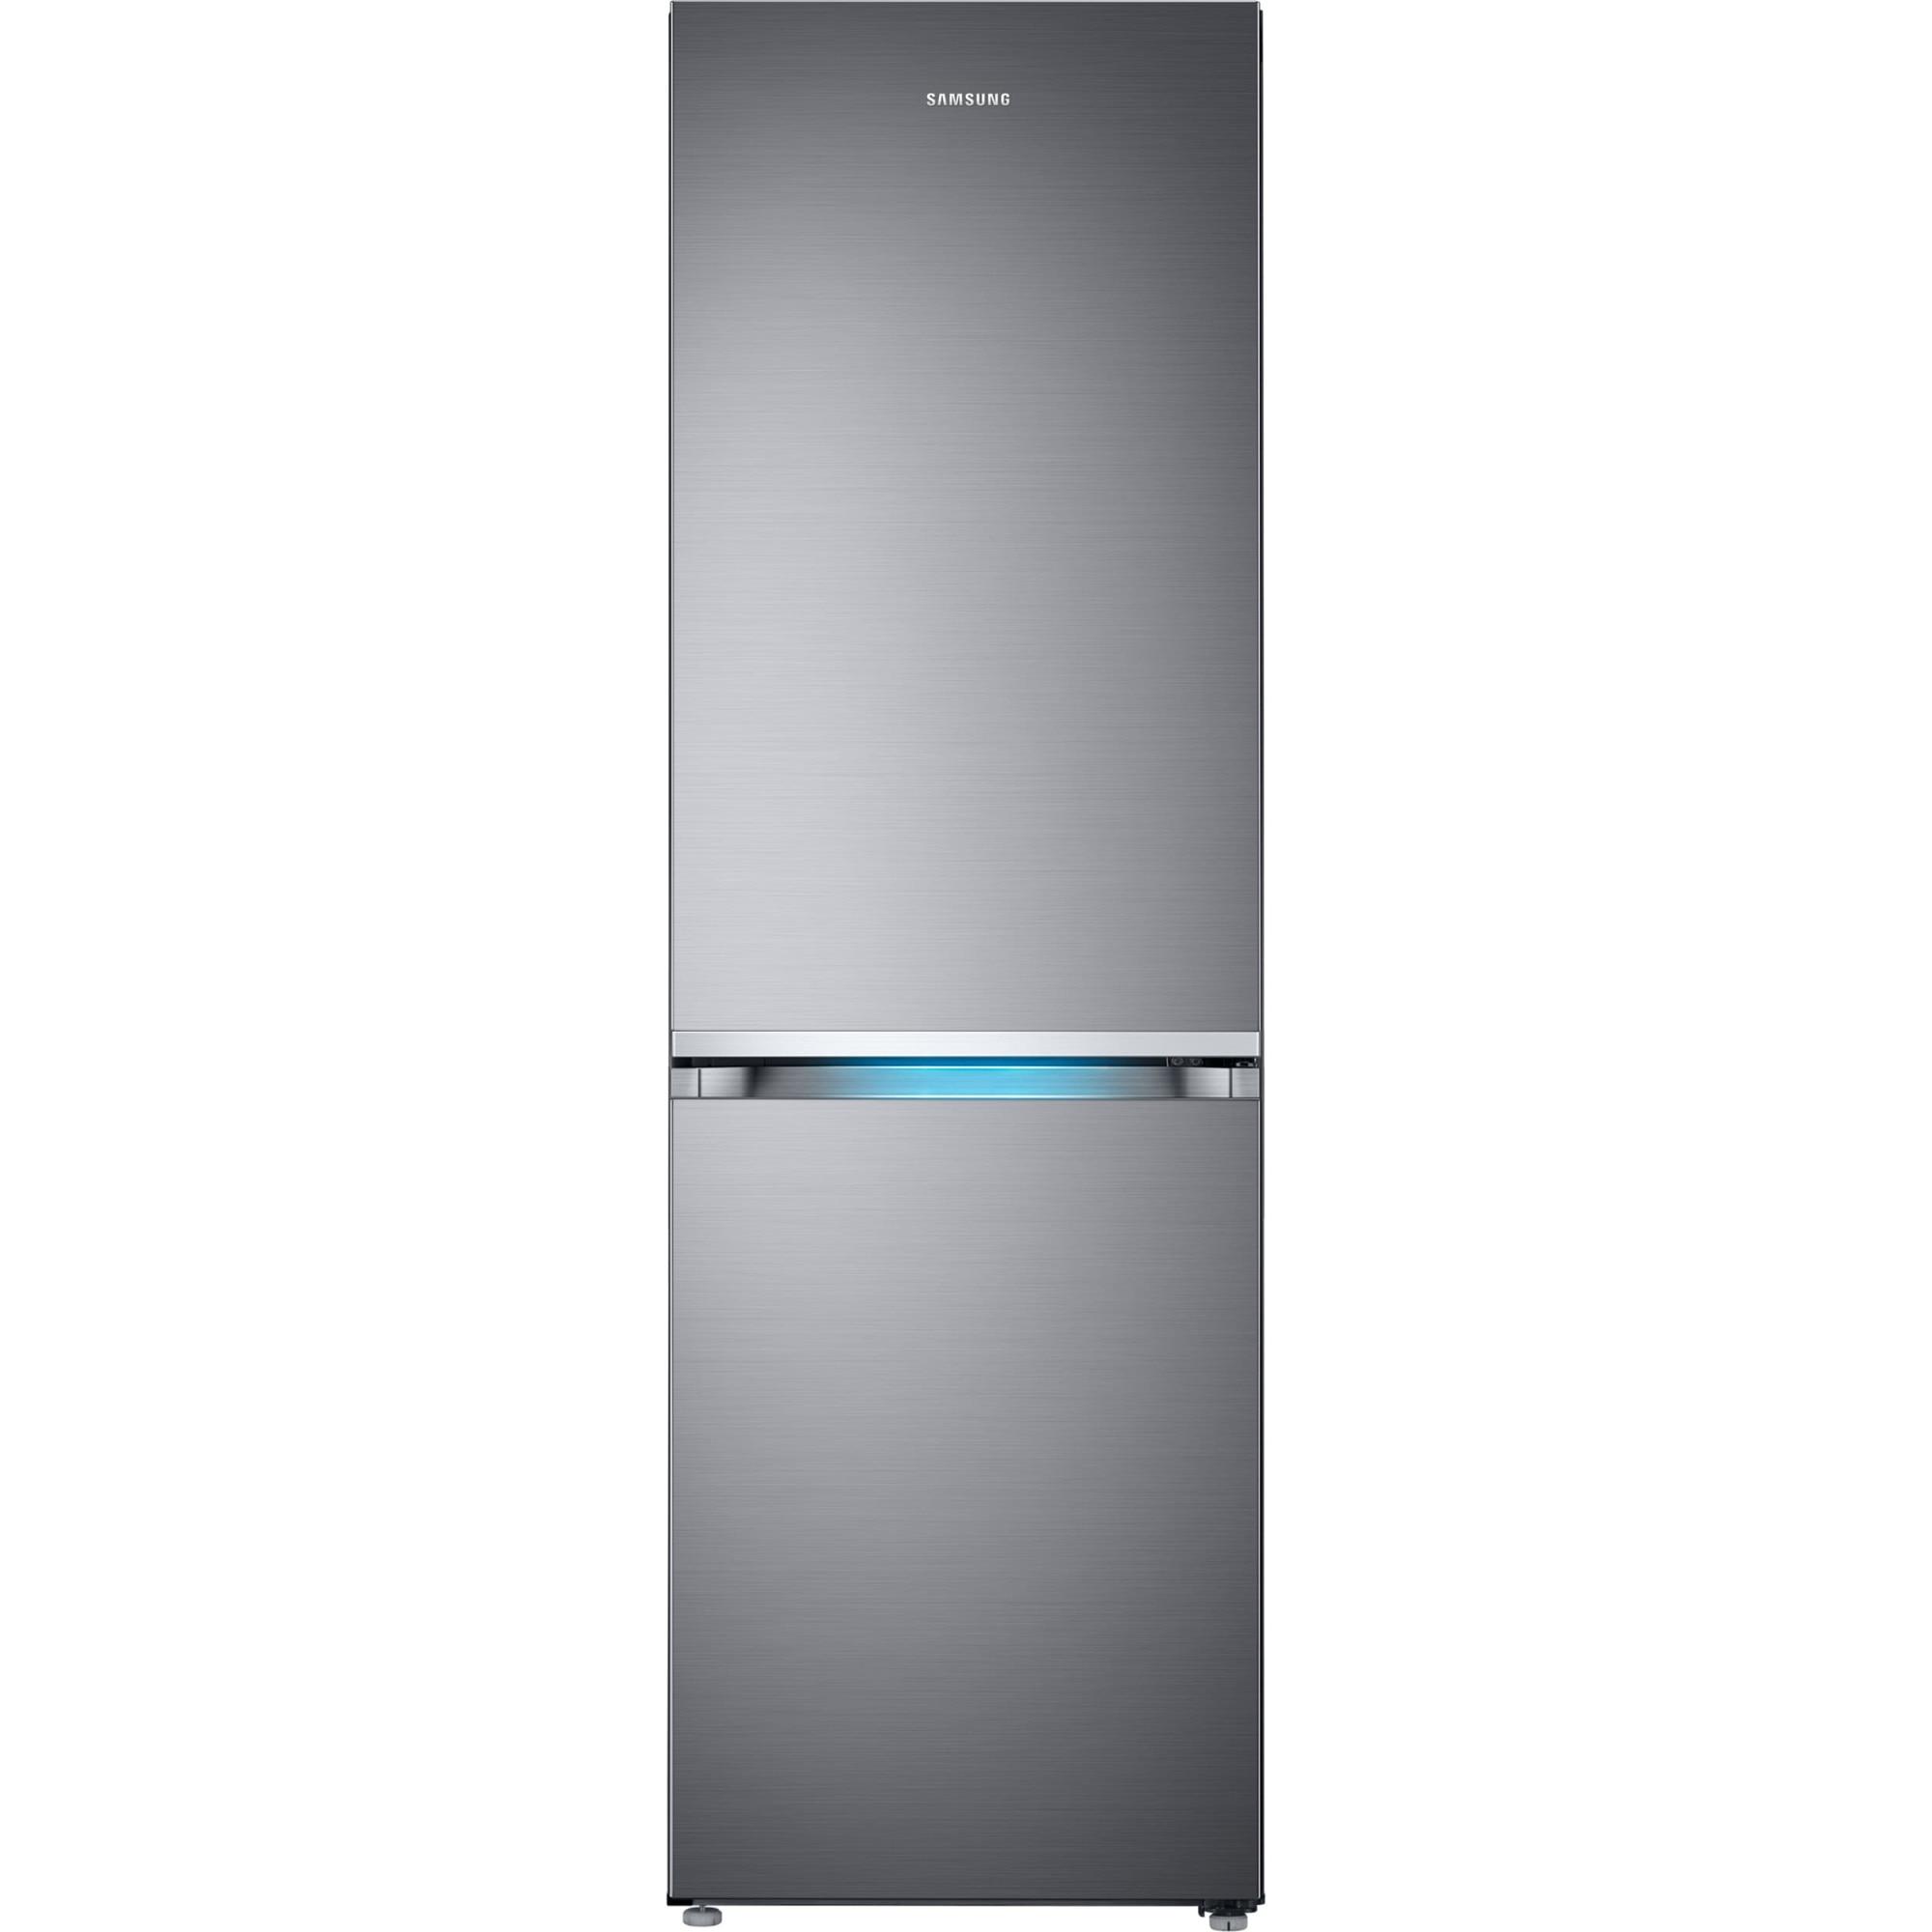 Fotografie Combina frigorifica Samsung RB38R7717S9/EF, 382 l, Clasa E, NoFrost, H 192.7 cm, Argintiu